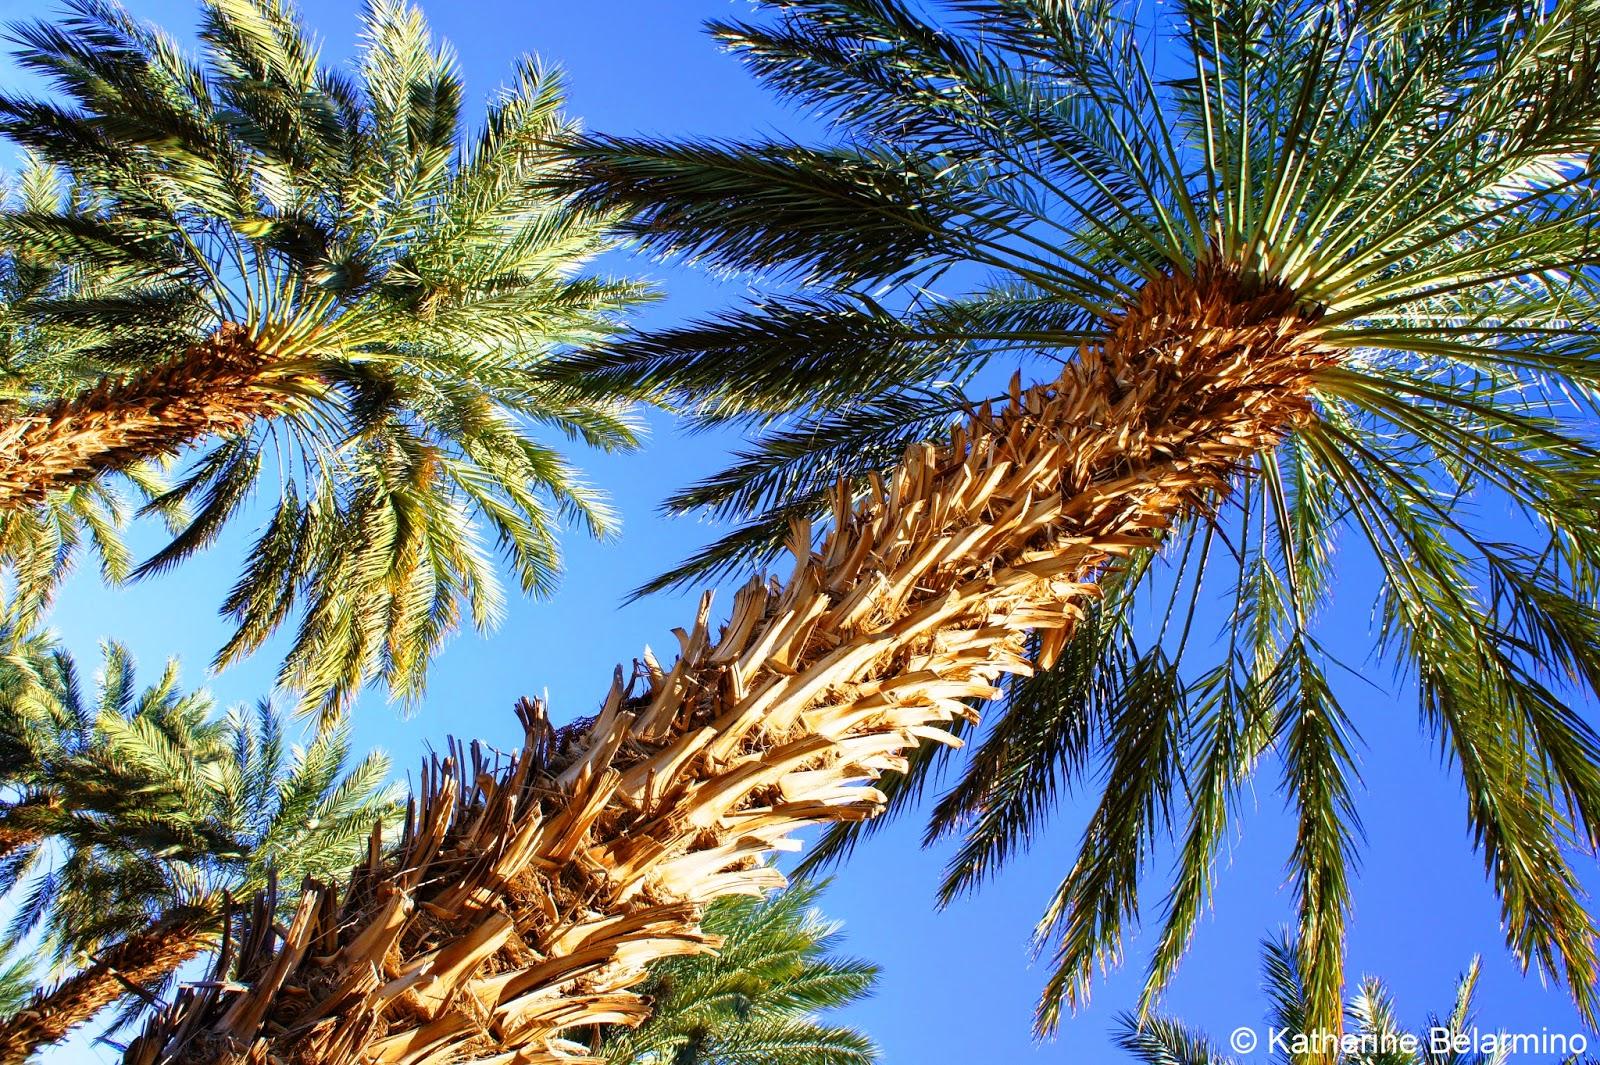 25 Year Old Medjool Date Palms at Martha's Gardens Date Farm Yuma Arizona